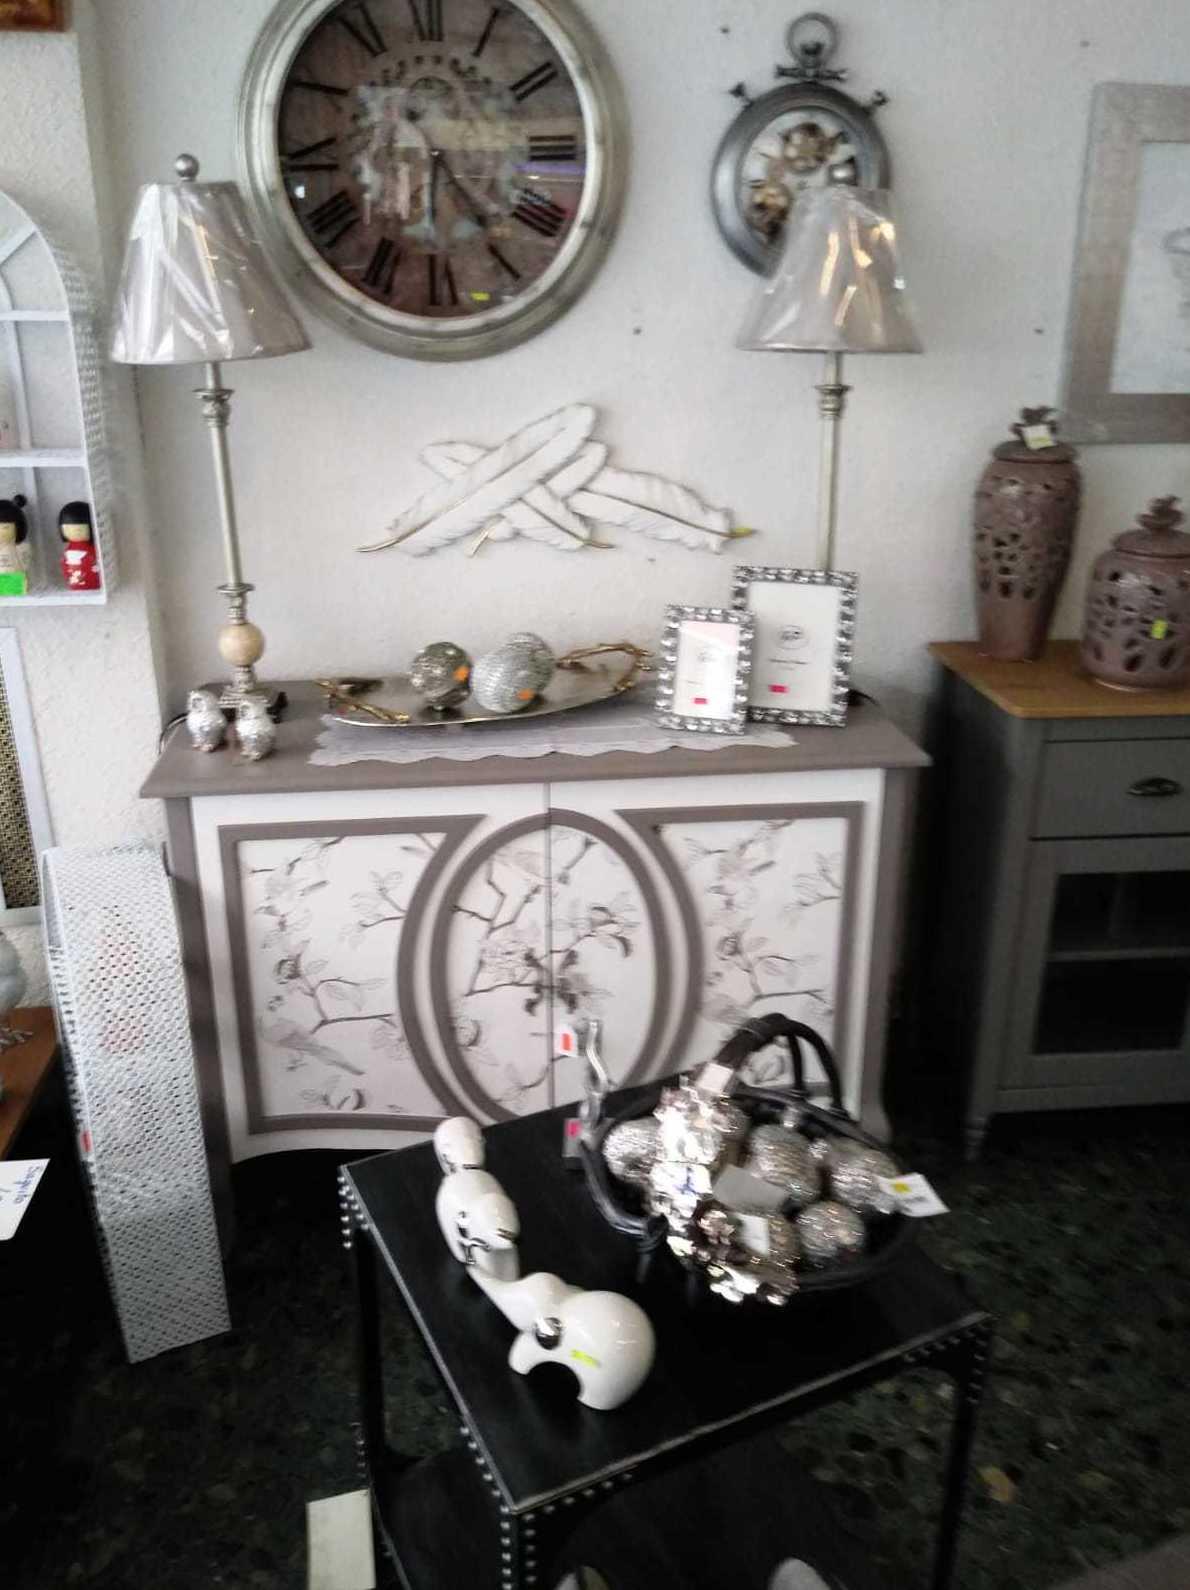 Muebles recibidores y mueble auxiliar, lámparas, cuadros, jarrones, adornos en León